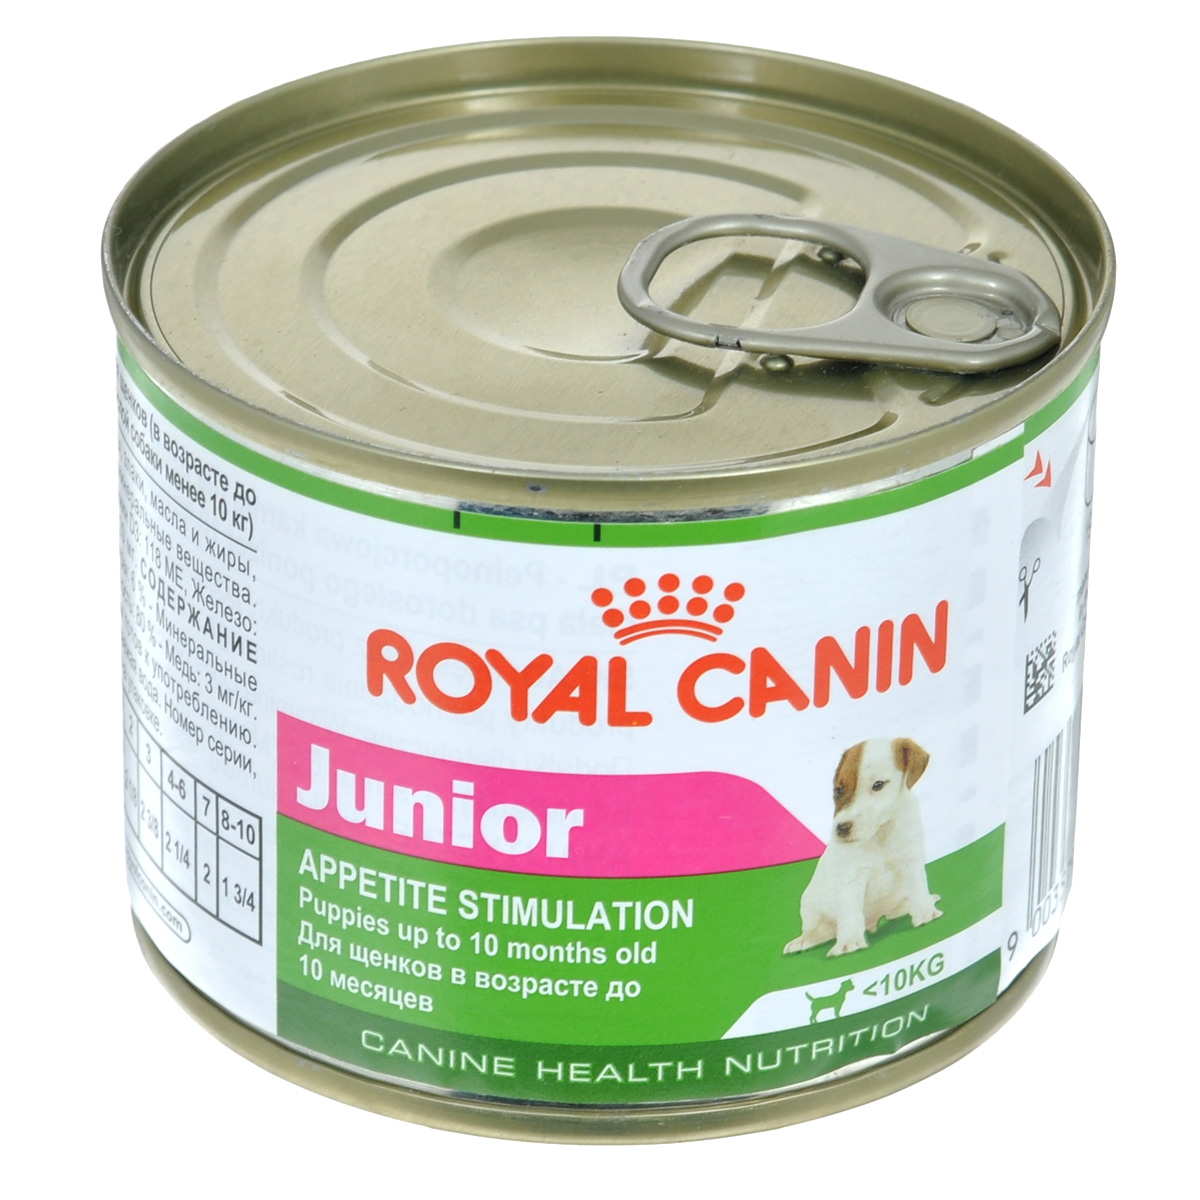 Консервы Royal Canin Junior, для щенков мелких пород, 195 г777002Консервы Royal Canin Junior - полнорационный корм для щенков в возрасте до 10 месяцев, который обладает высокой вкусовой привлекательностью и способен удовлетворить потребности щенка в питании в период роста.Состав: мясо и мясные субпродукты, злаки, масла и жиры, субпродукты растительного происхождения, минеральные вещества. Добавки (в 1 кг): питательные добавки: Витамин D3: 118 ME, Железо: 6,5 мг, Йод: 0,2 мг, Марганец: 2 мг, Цинк: 20 мг. Товар сертифицирован.